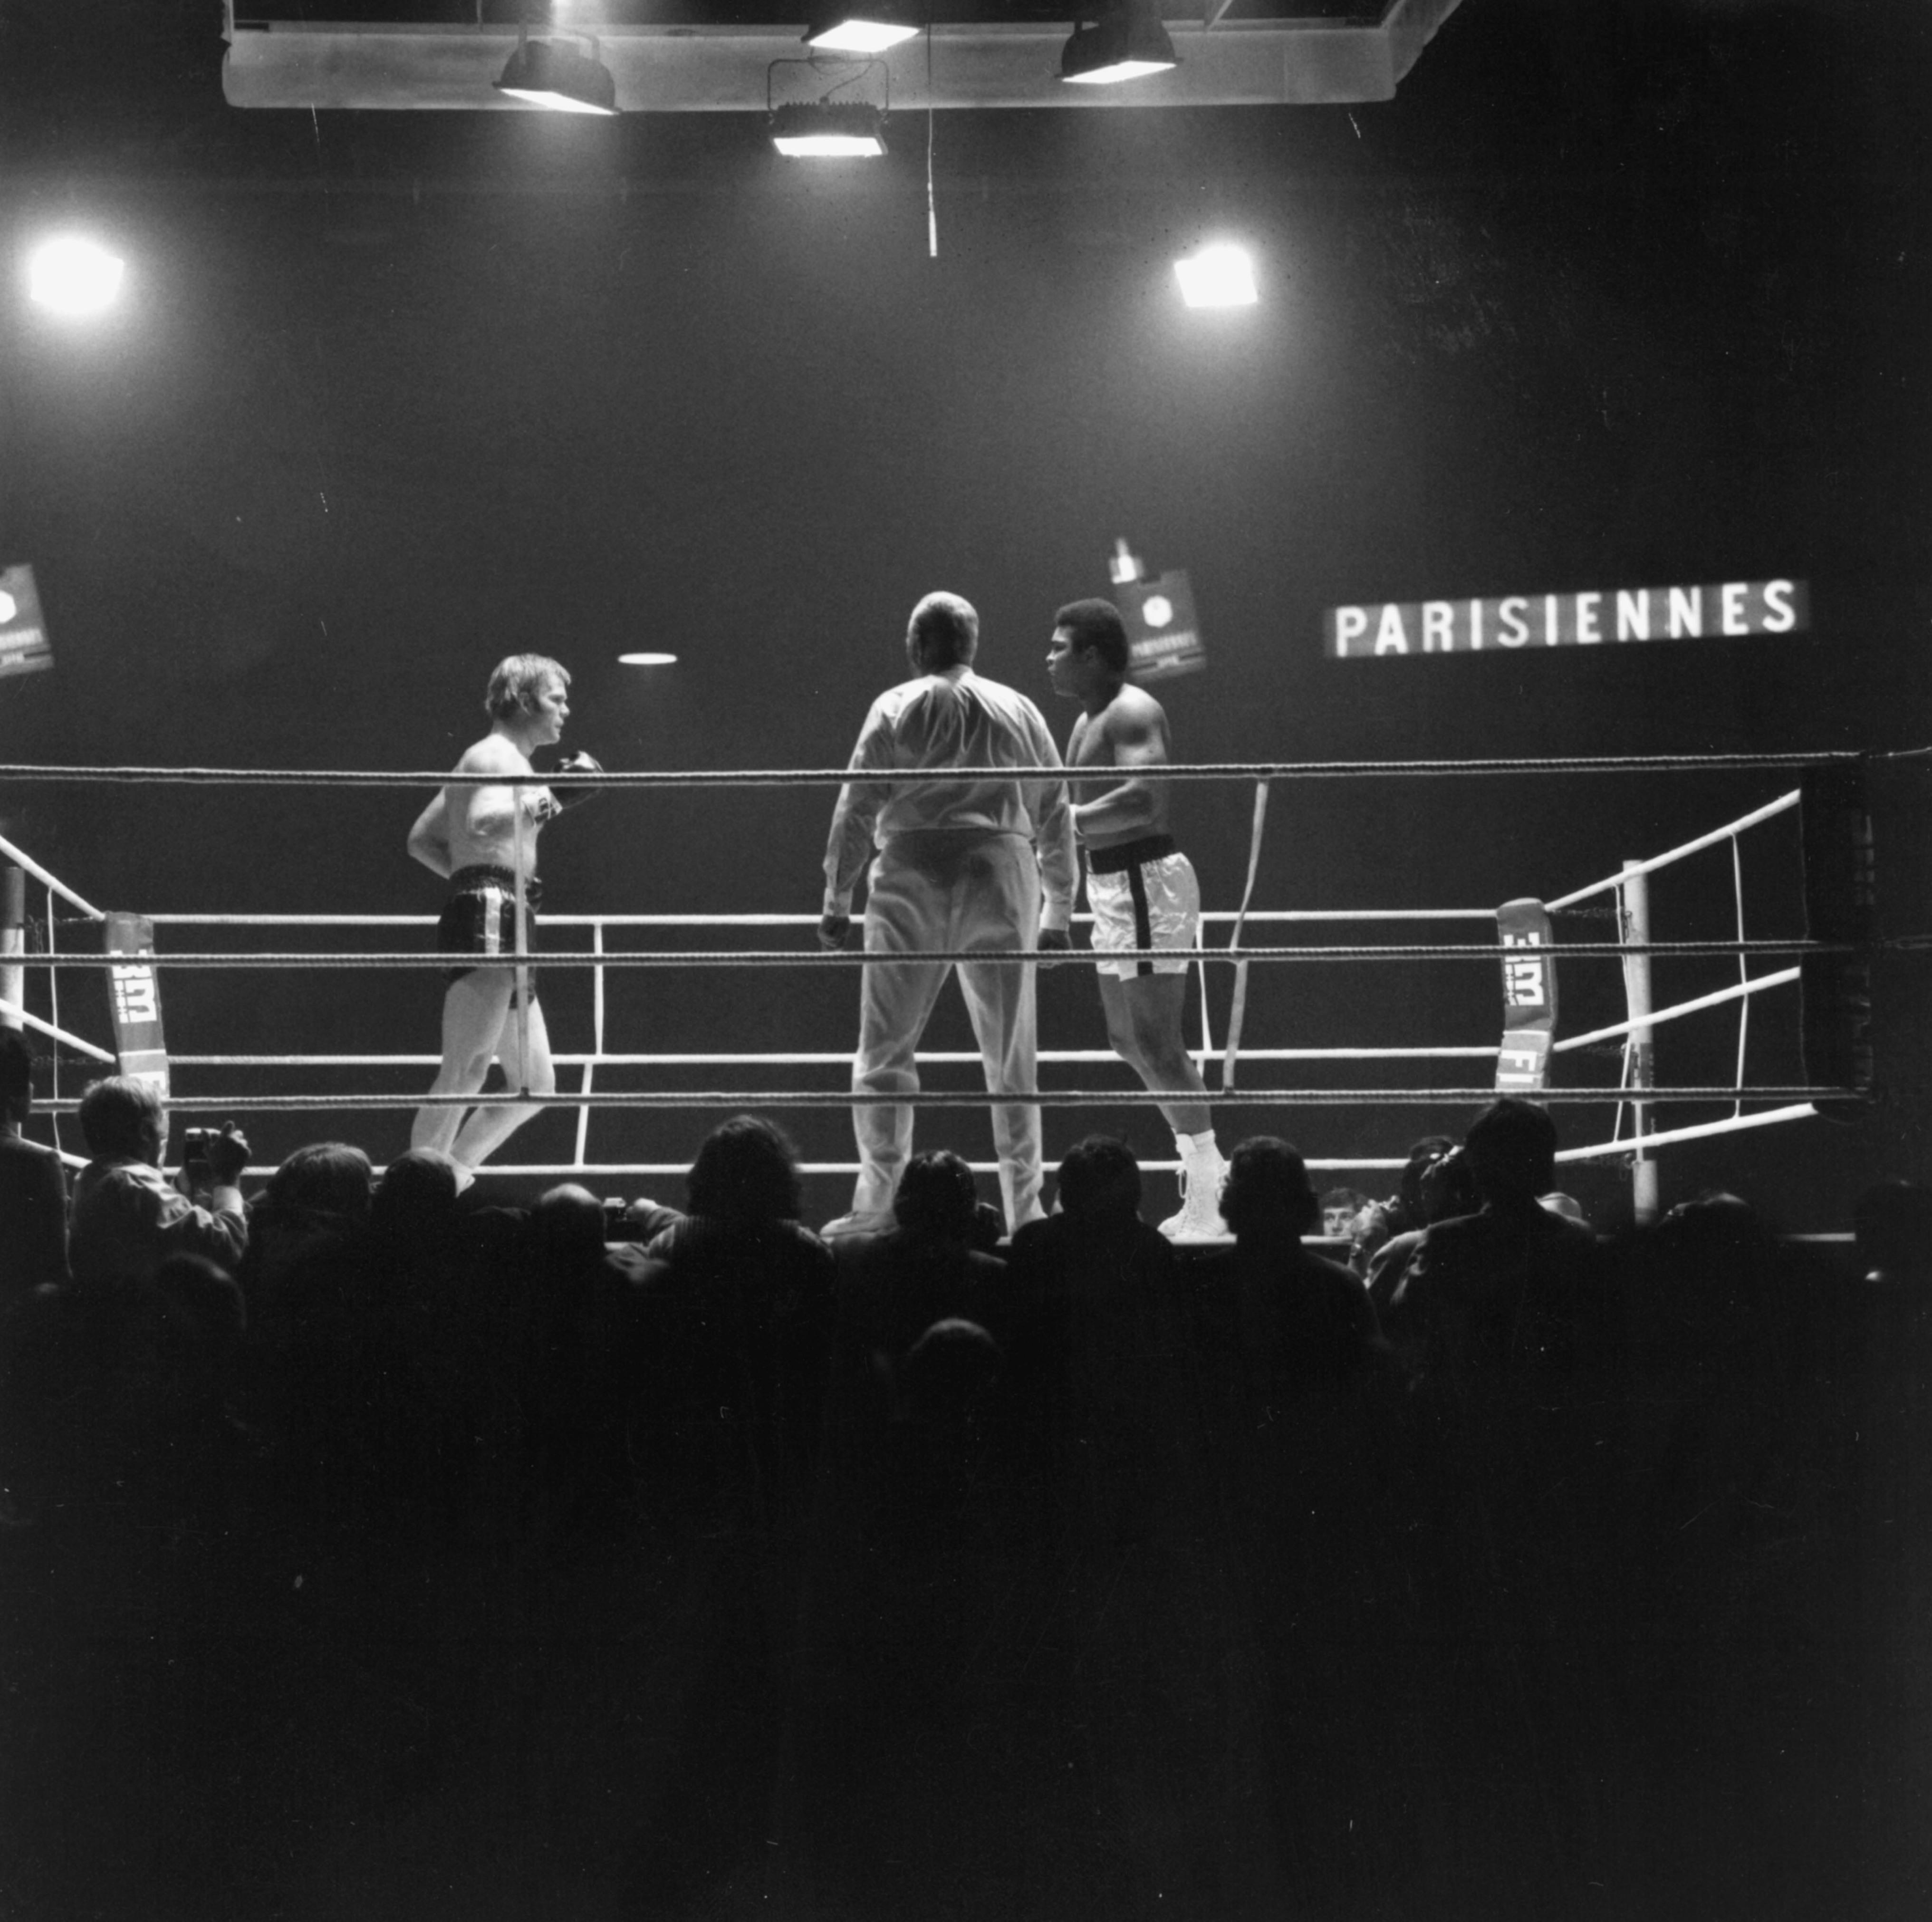 Muhammad Ali, eigentl. Cassius Clay US-amerik. Boxer (1964, 1974 u. 1978 Profi-Schwergewichts-Weltmeister), geb. 1942. Boxkampf Muhammad Ali (rechts) gegen Jürgen Blin im Hallenstadion in Zürich (Schweiz). Foto, Dez. 1971., Image: 147701957, License: Rights-managed, Restrictions: For editorial use only., Model Release: no, Credit line: Profimedia, AKG